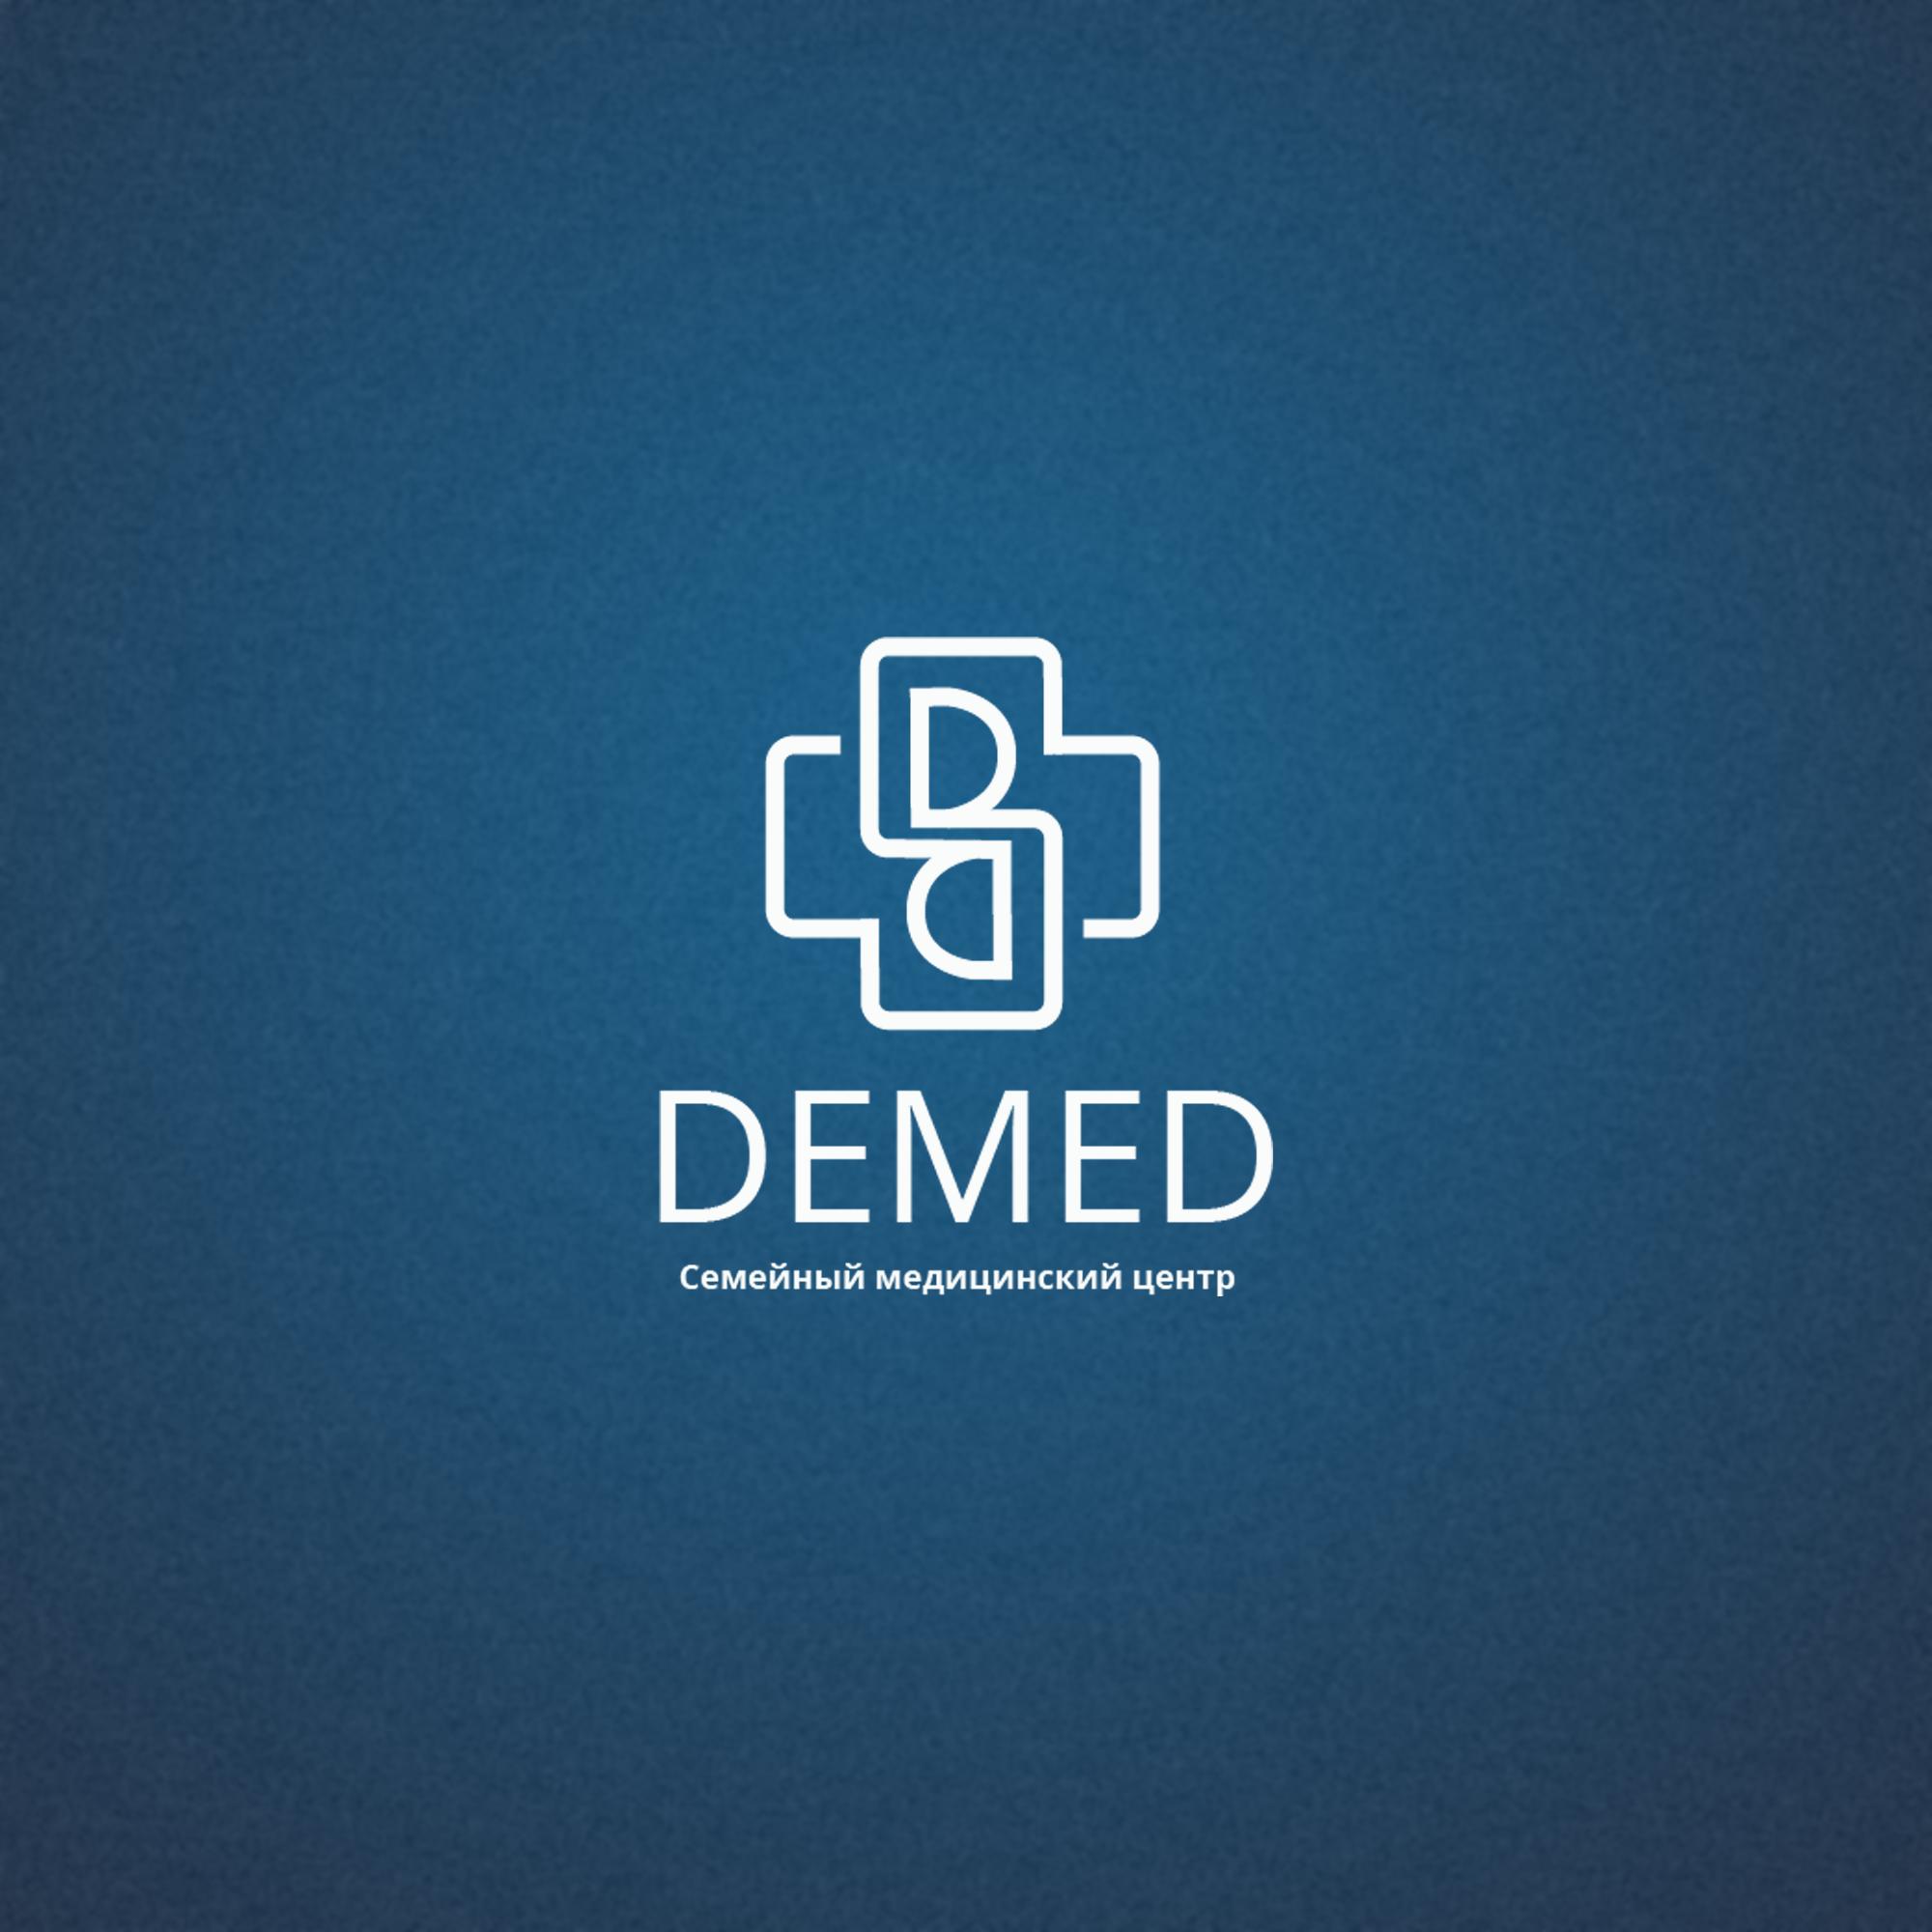 Логотип медицинского центра фото f_8185dc93b4e24acf.png